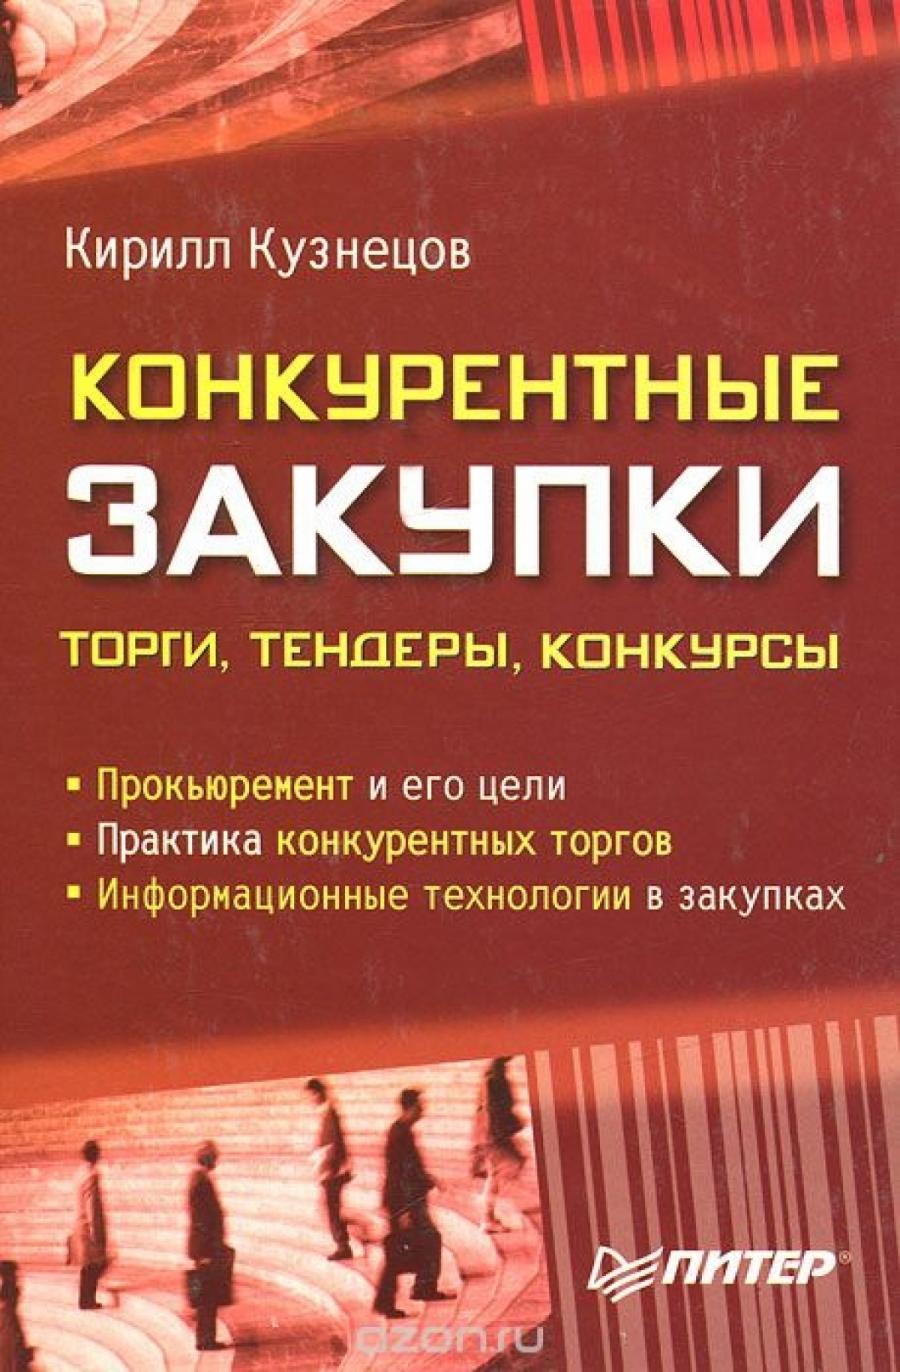 Обложка книги:  кузнецов к.в. - прокьюремент тендеры, конкурсы, конкурентные закупки